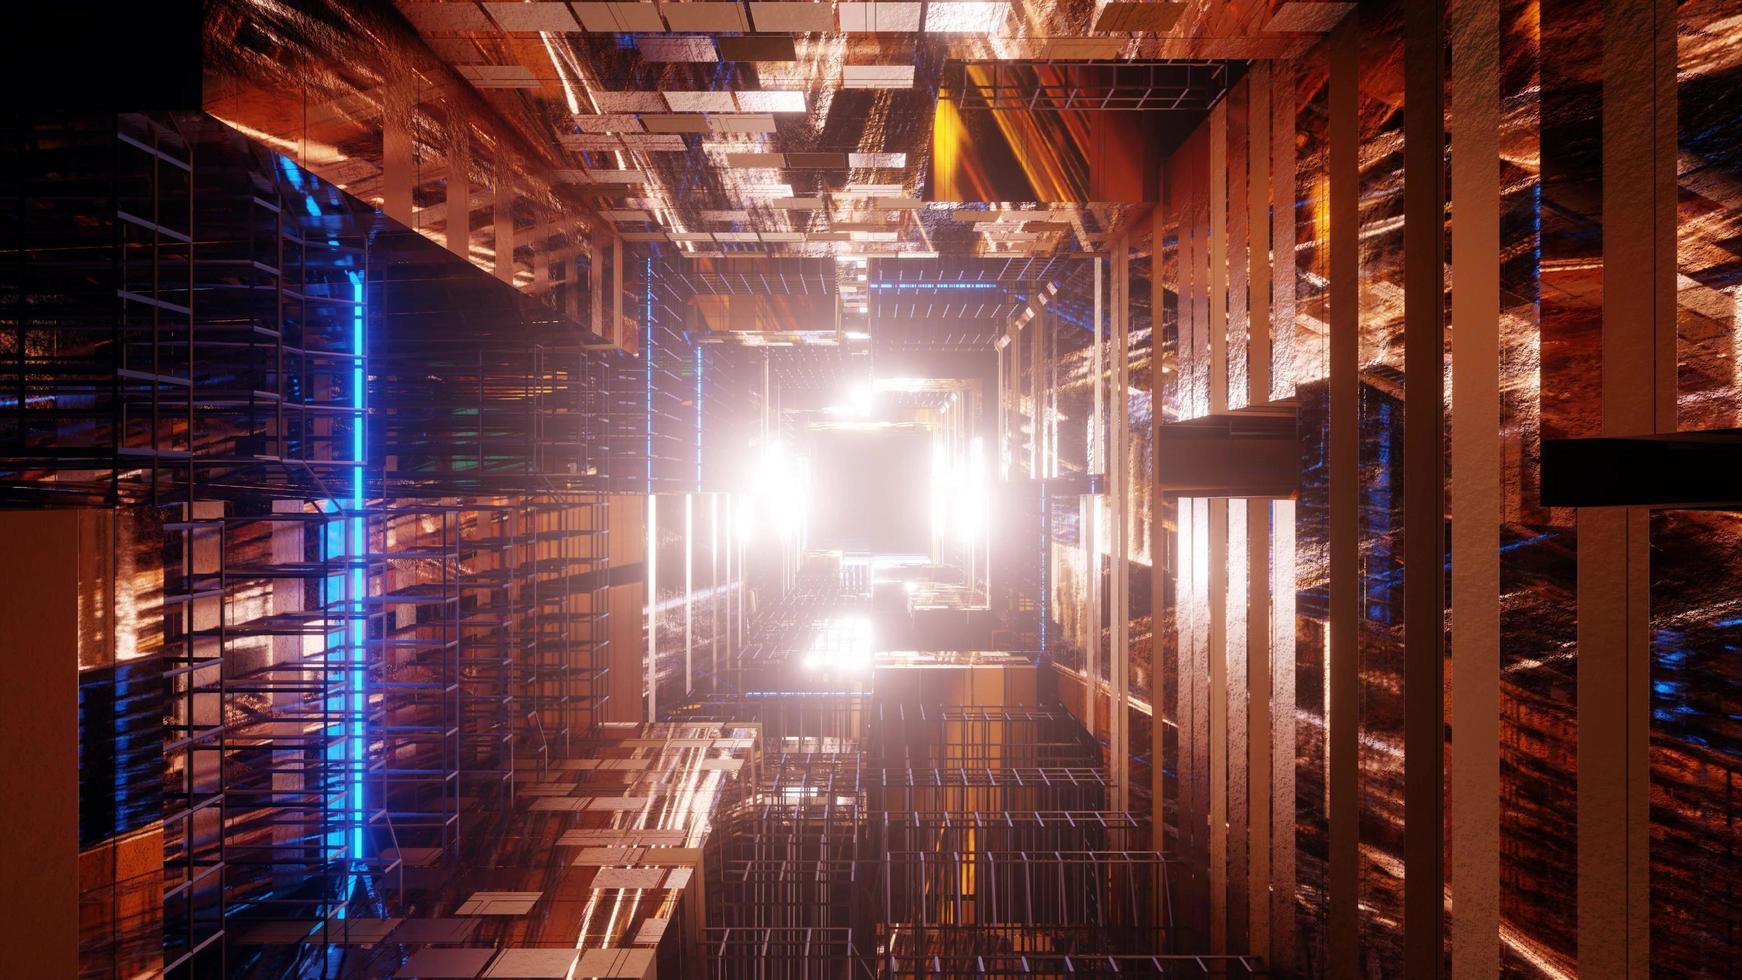 fond d'écran de science-fiction futuriste doré photo